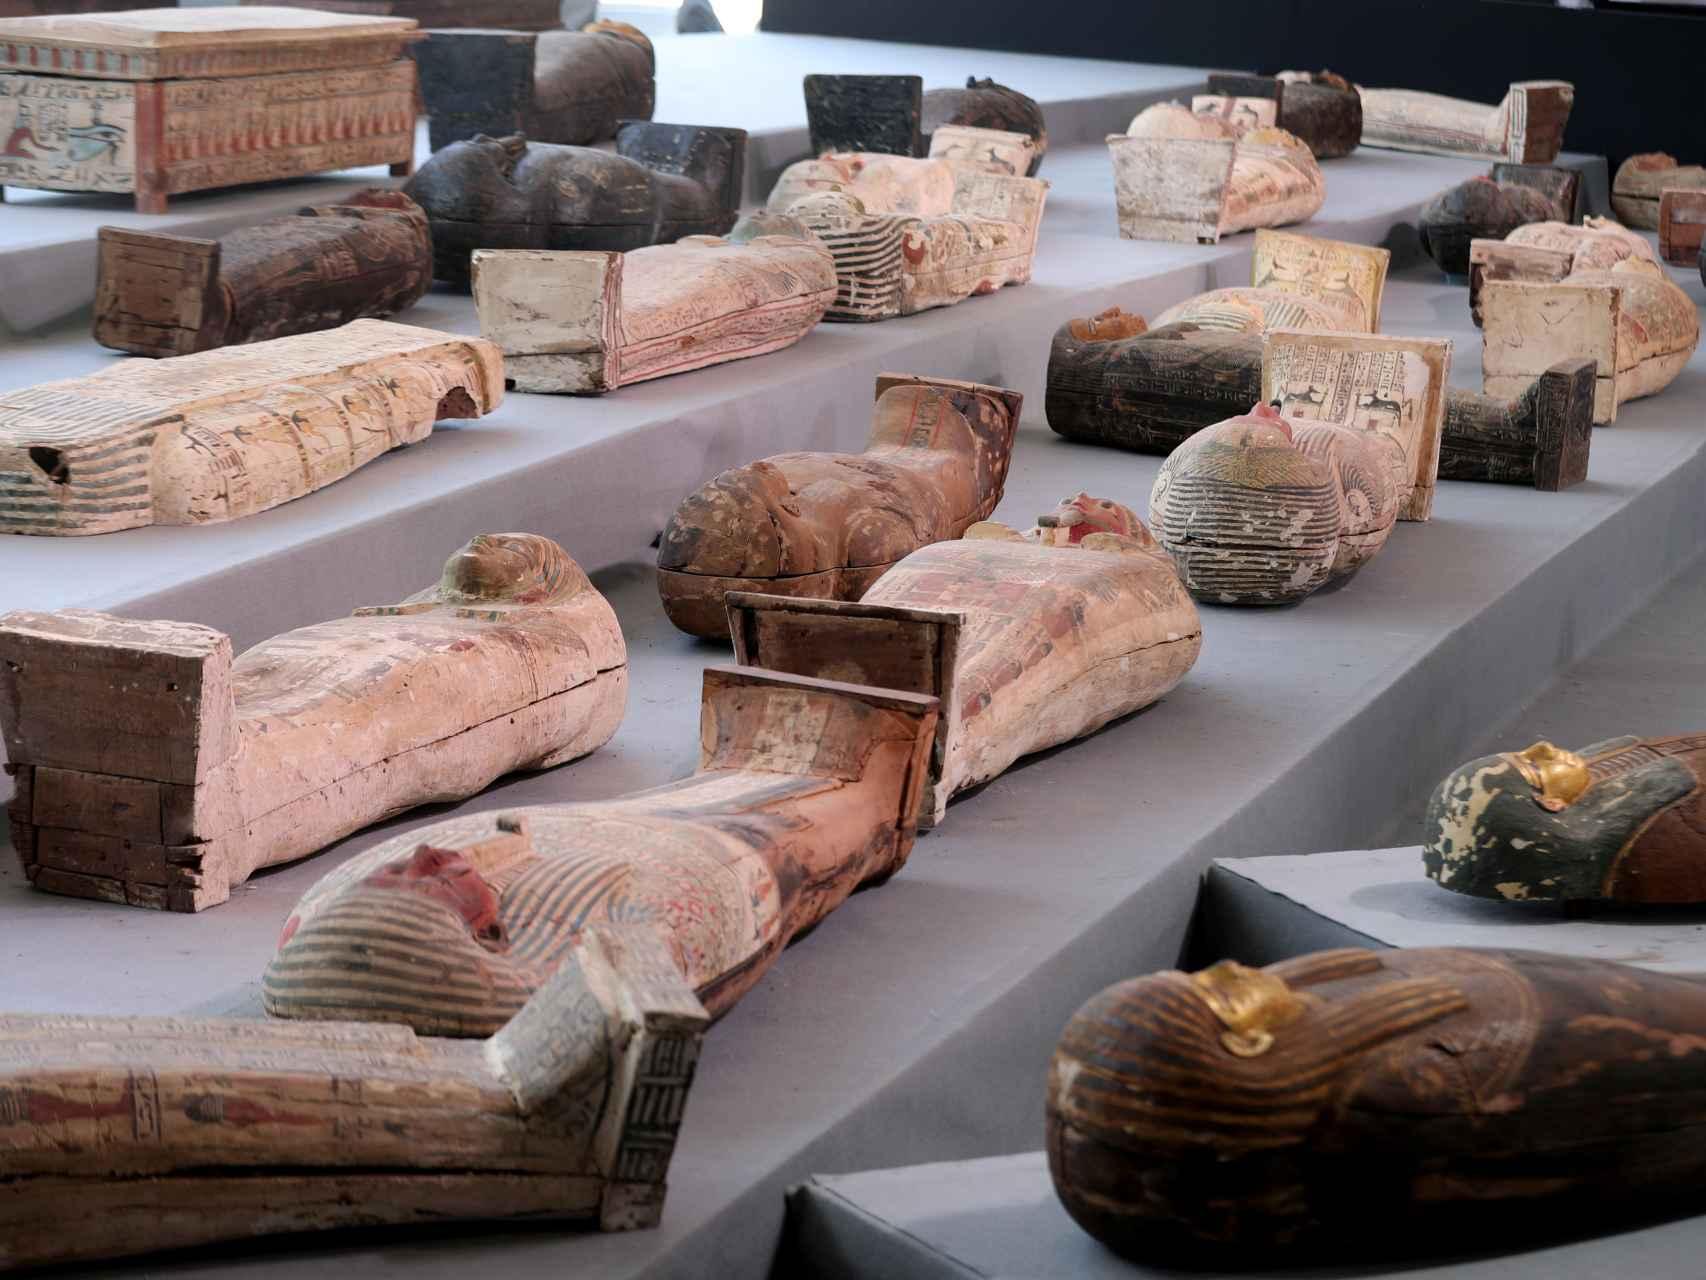 Descubrimientos recientes. Antiguo_egipto-hallazgos_arqueologicos-yacimientos_arqueologicos_536456903_165209059_1706x1280